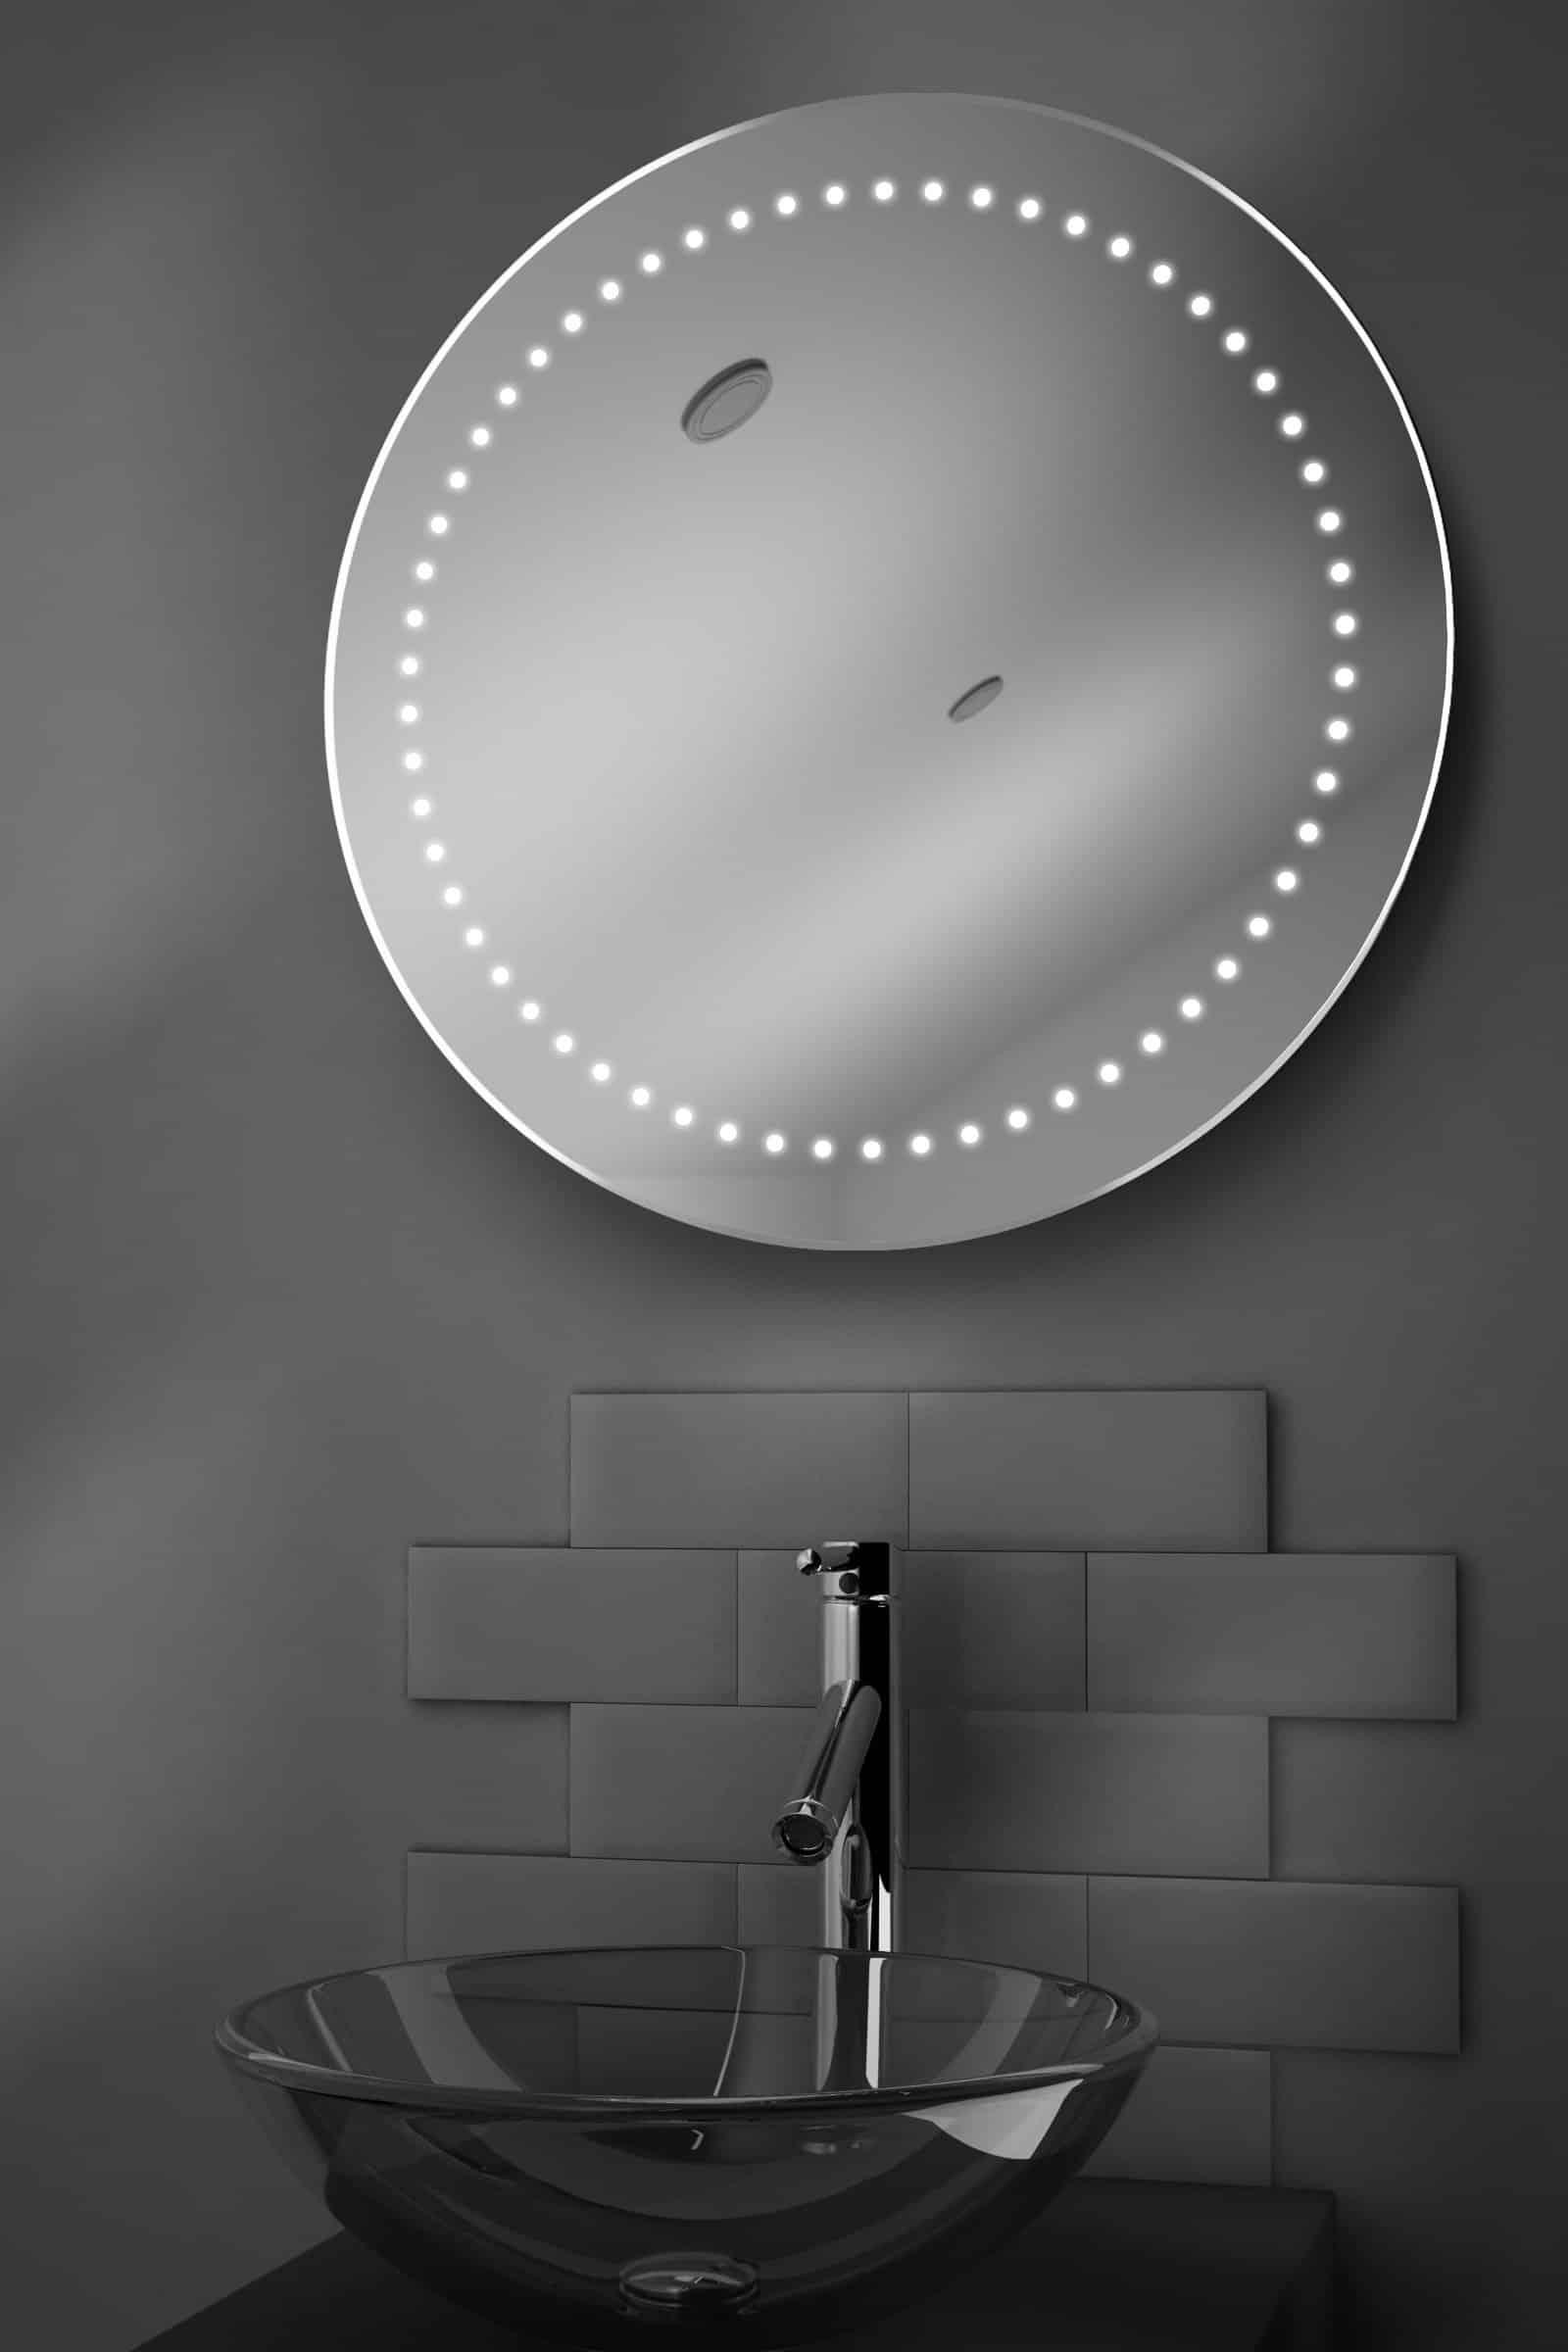 Ronde badkamerspiegel met verlichting en verwarming 70 cm Badkamerspiegel met led verlichting en verwarming